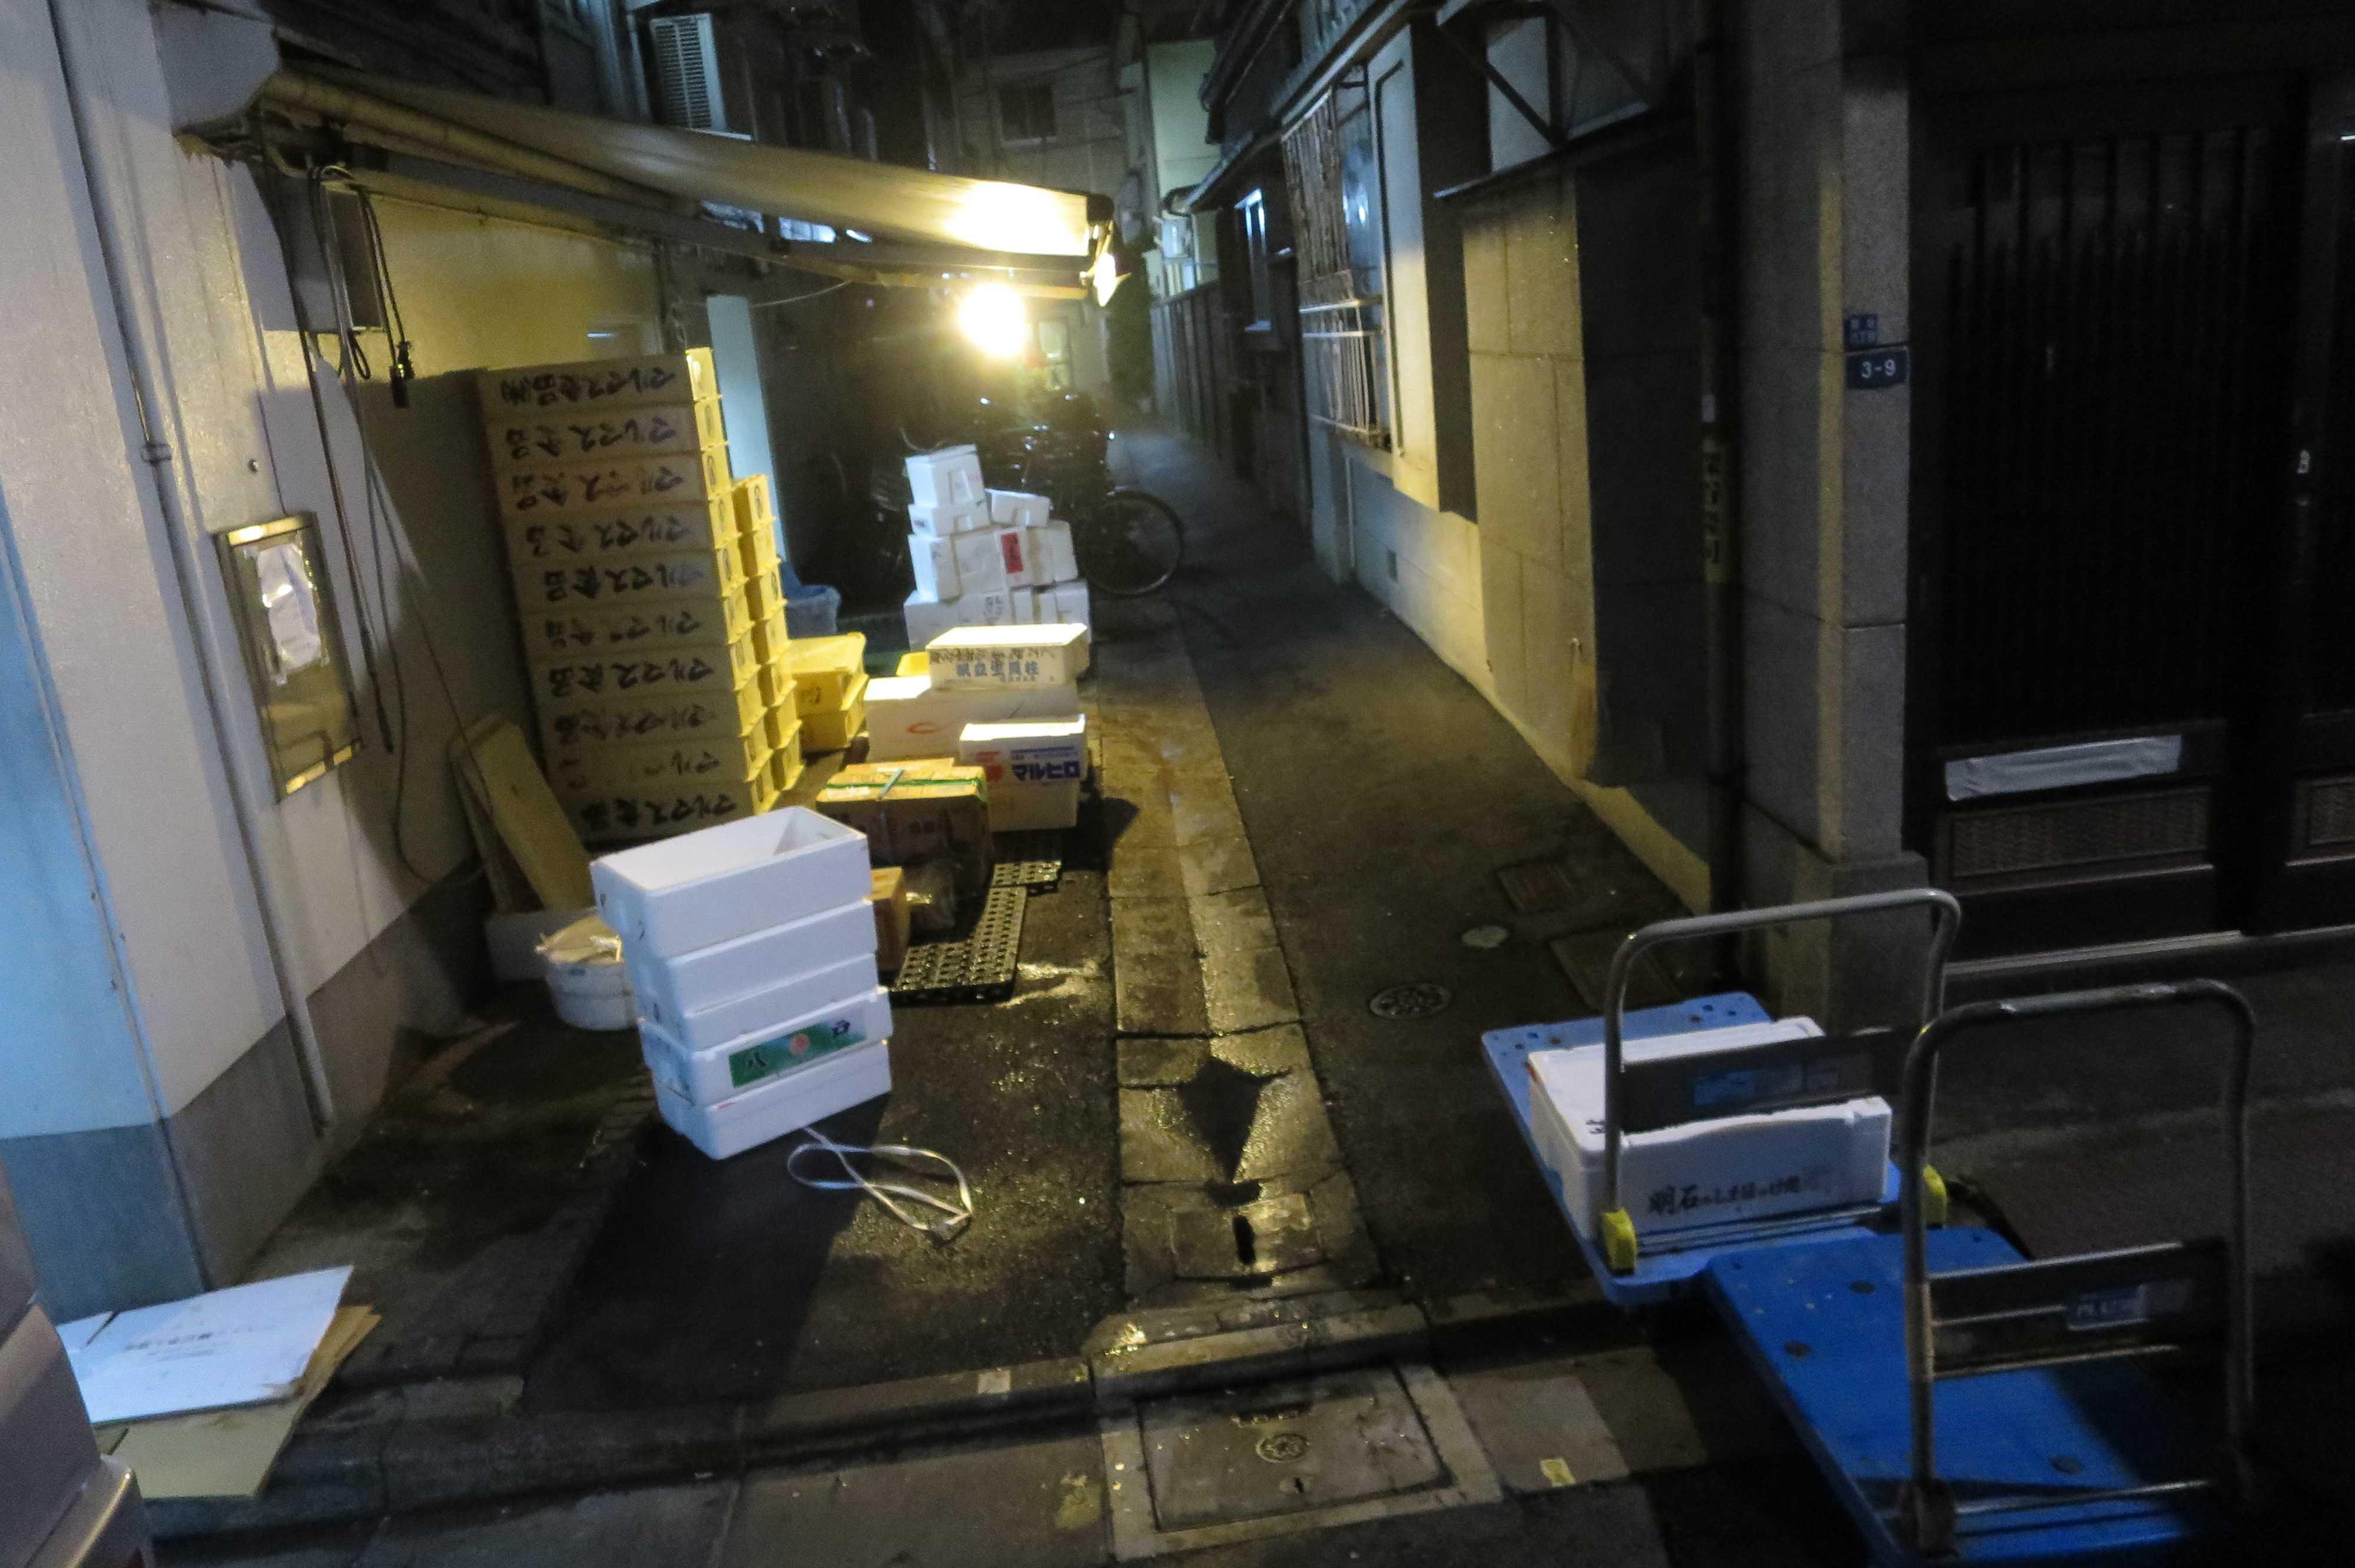 築地エリア - 夜明け前の築地の小路